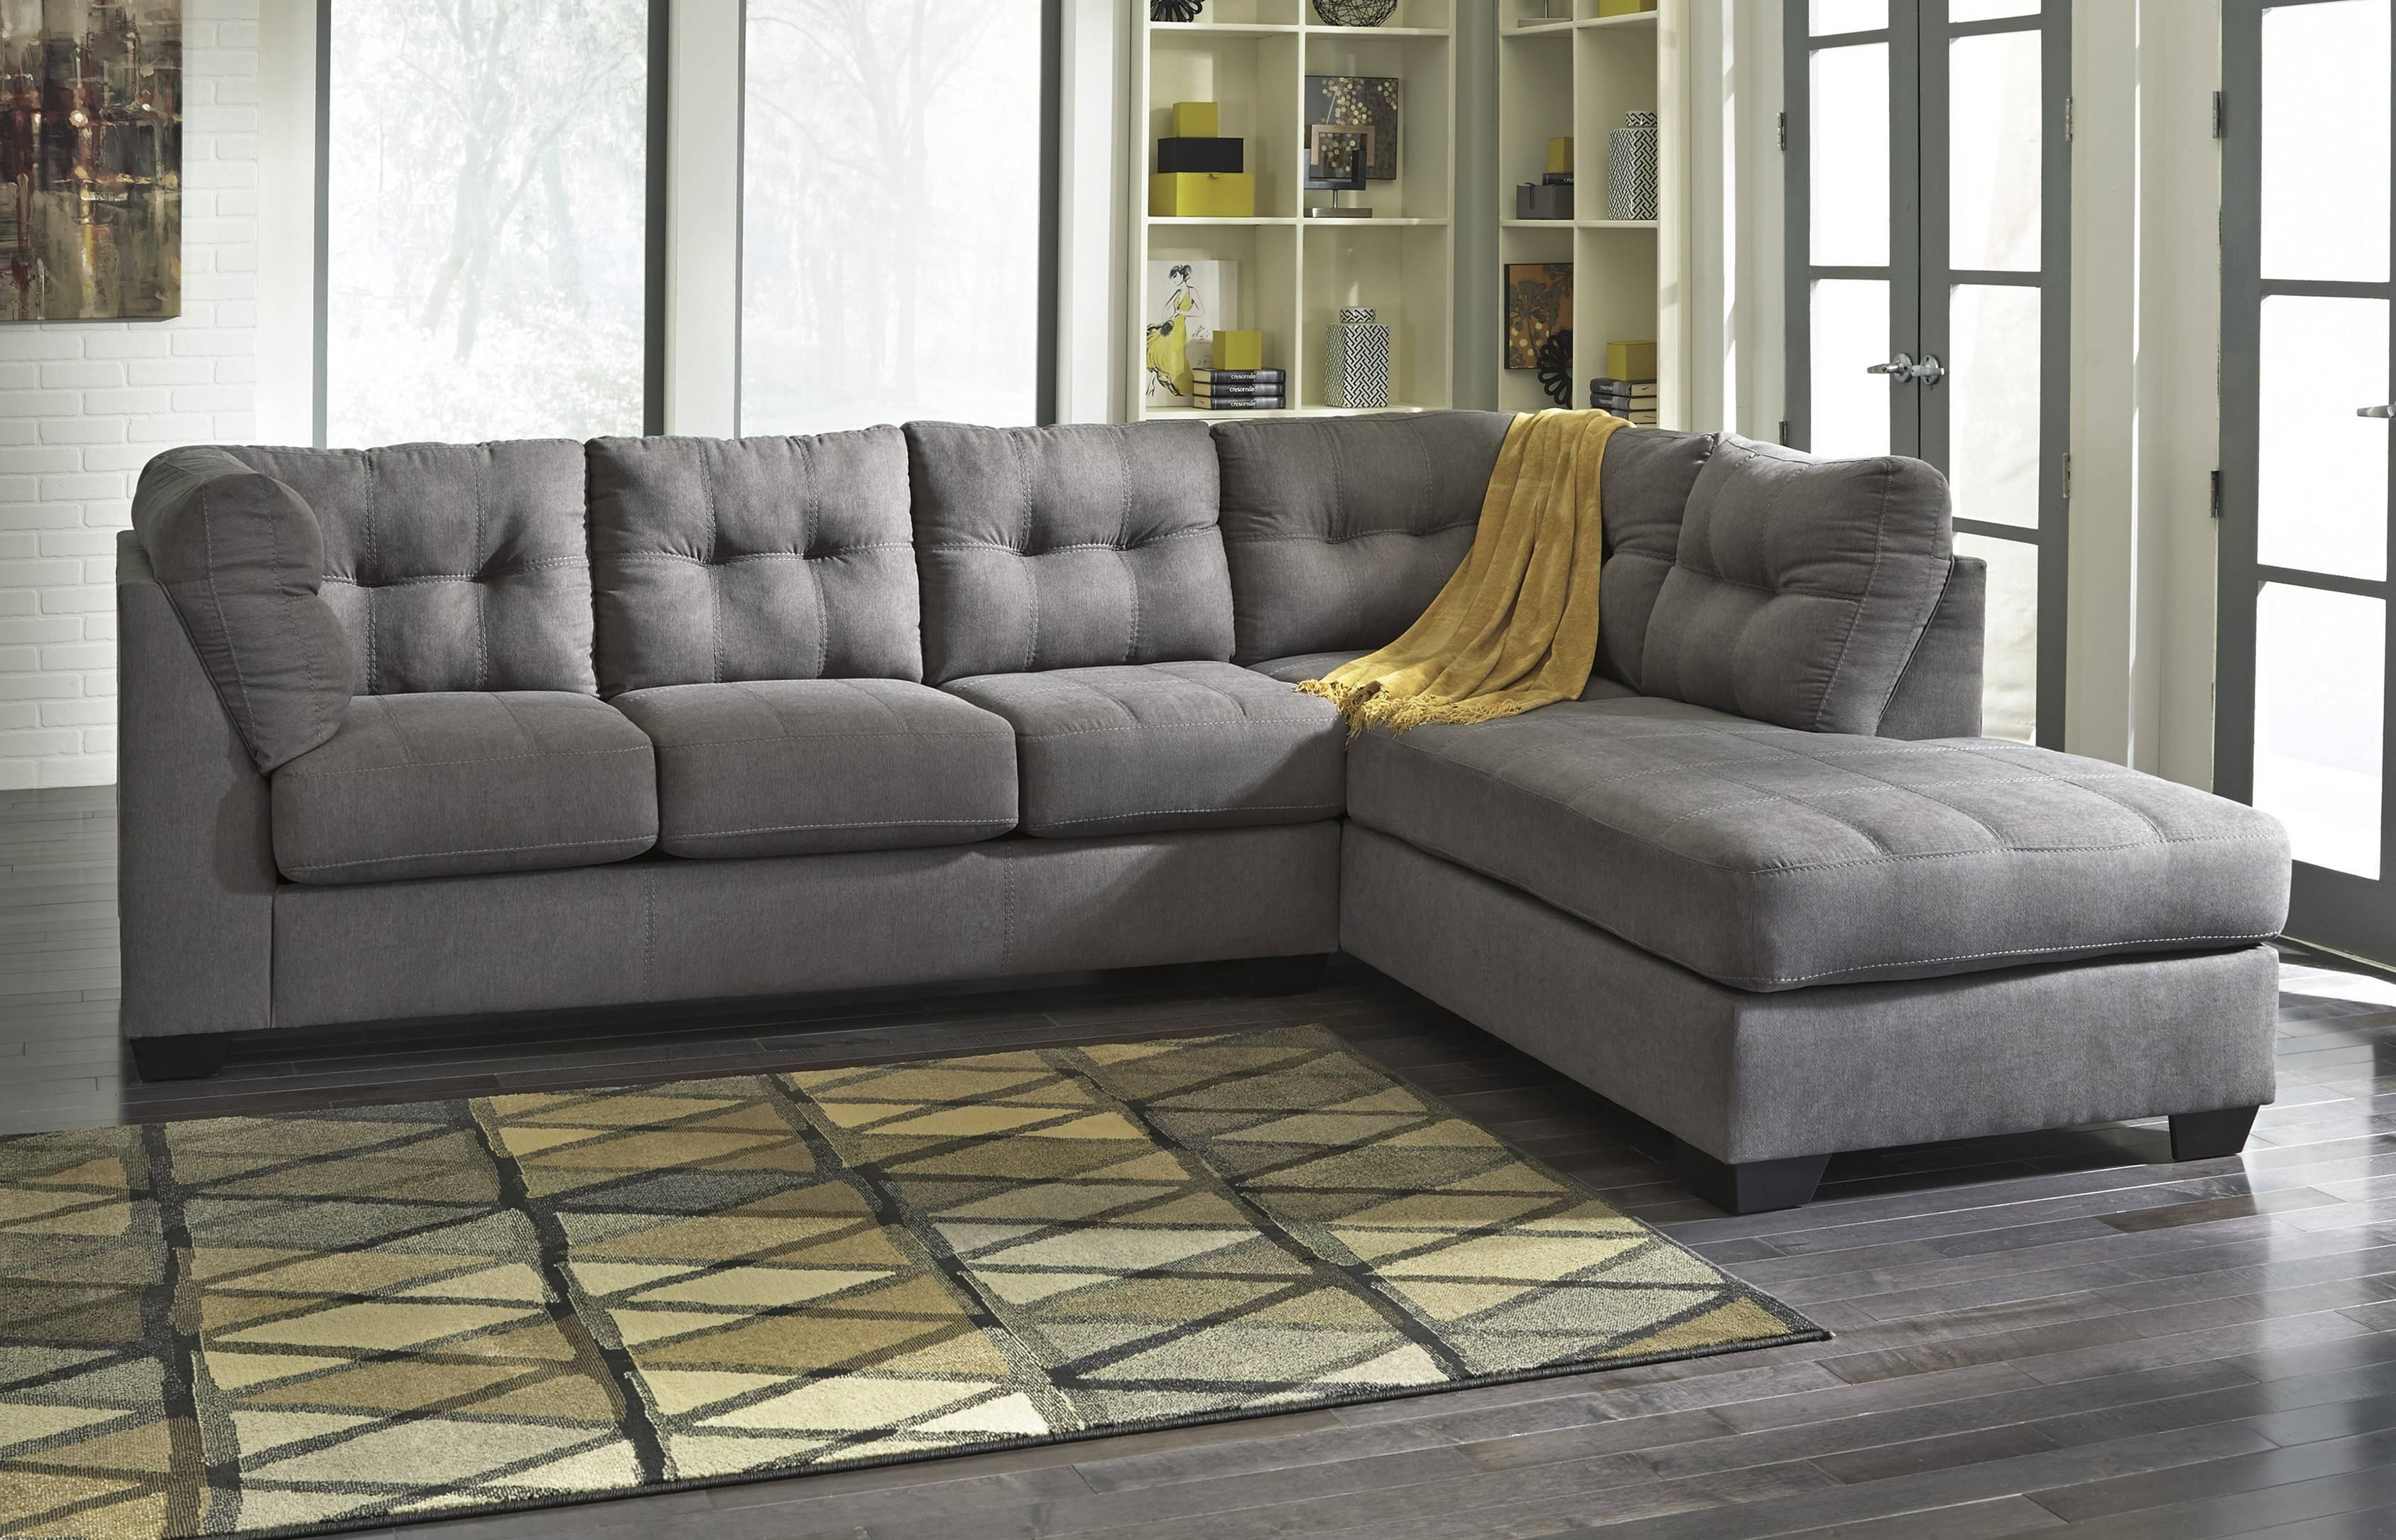 Sofas Center : Ashley Furniture Tufted Sofa Elegant Living Room Within Ashley Tufted Sofa (Image 22 of 30)